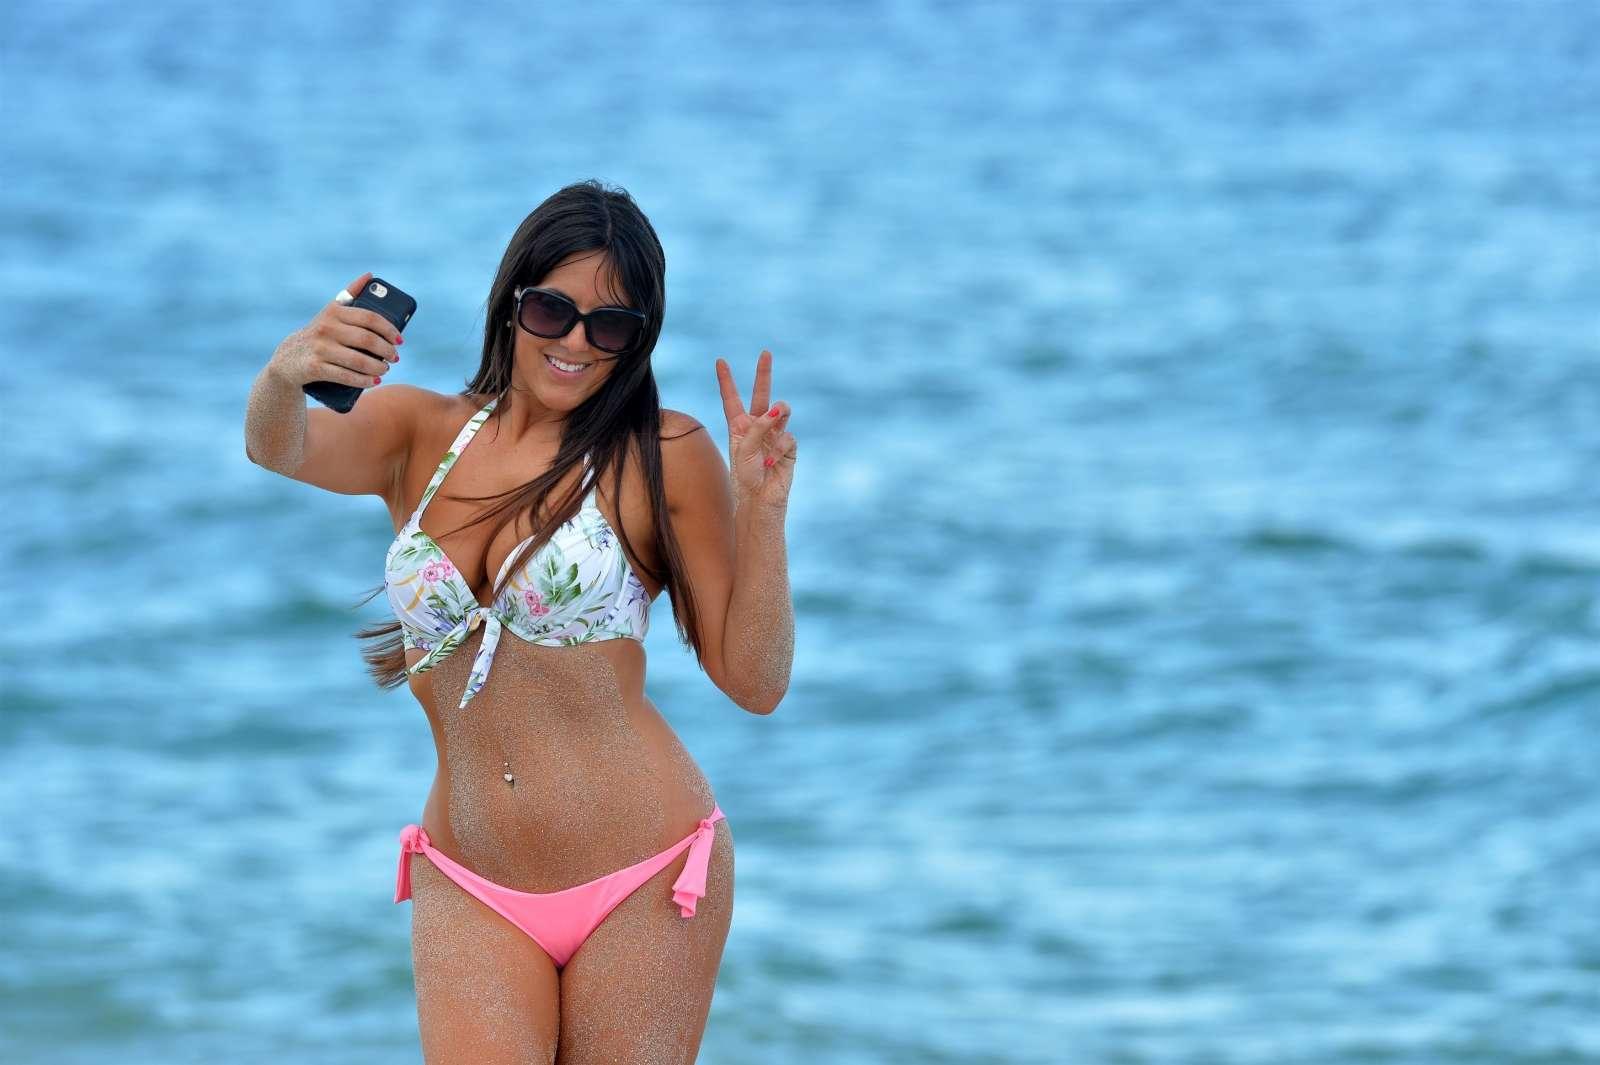 Claudia Romani 2017 : Claudia Romani in Bikini 2017 -31